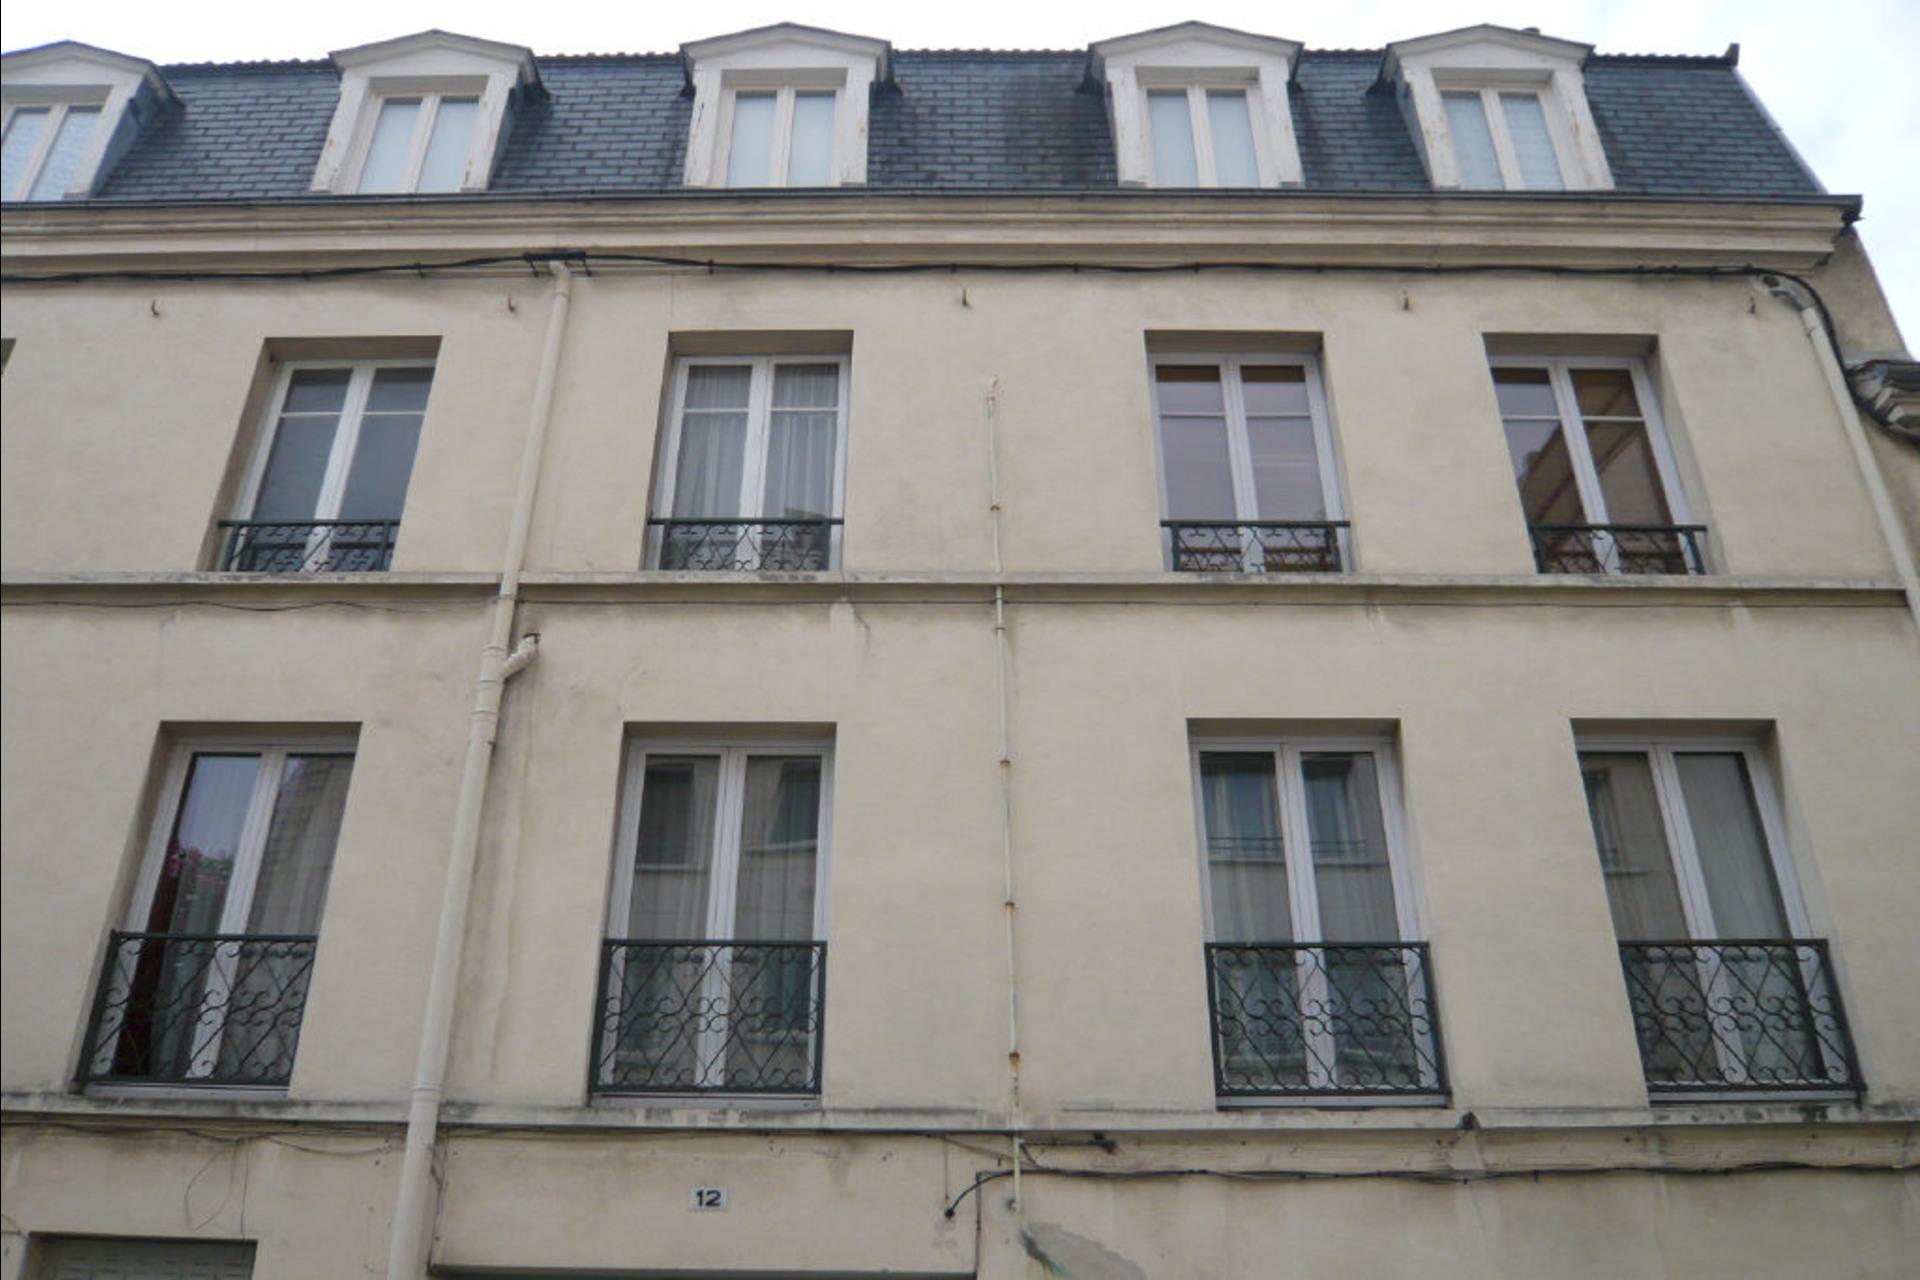 image 2 - Apartment For rent saint germain en laye - 1 room